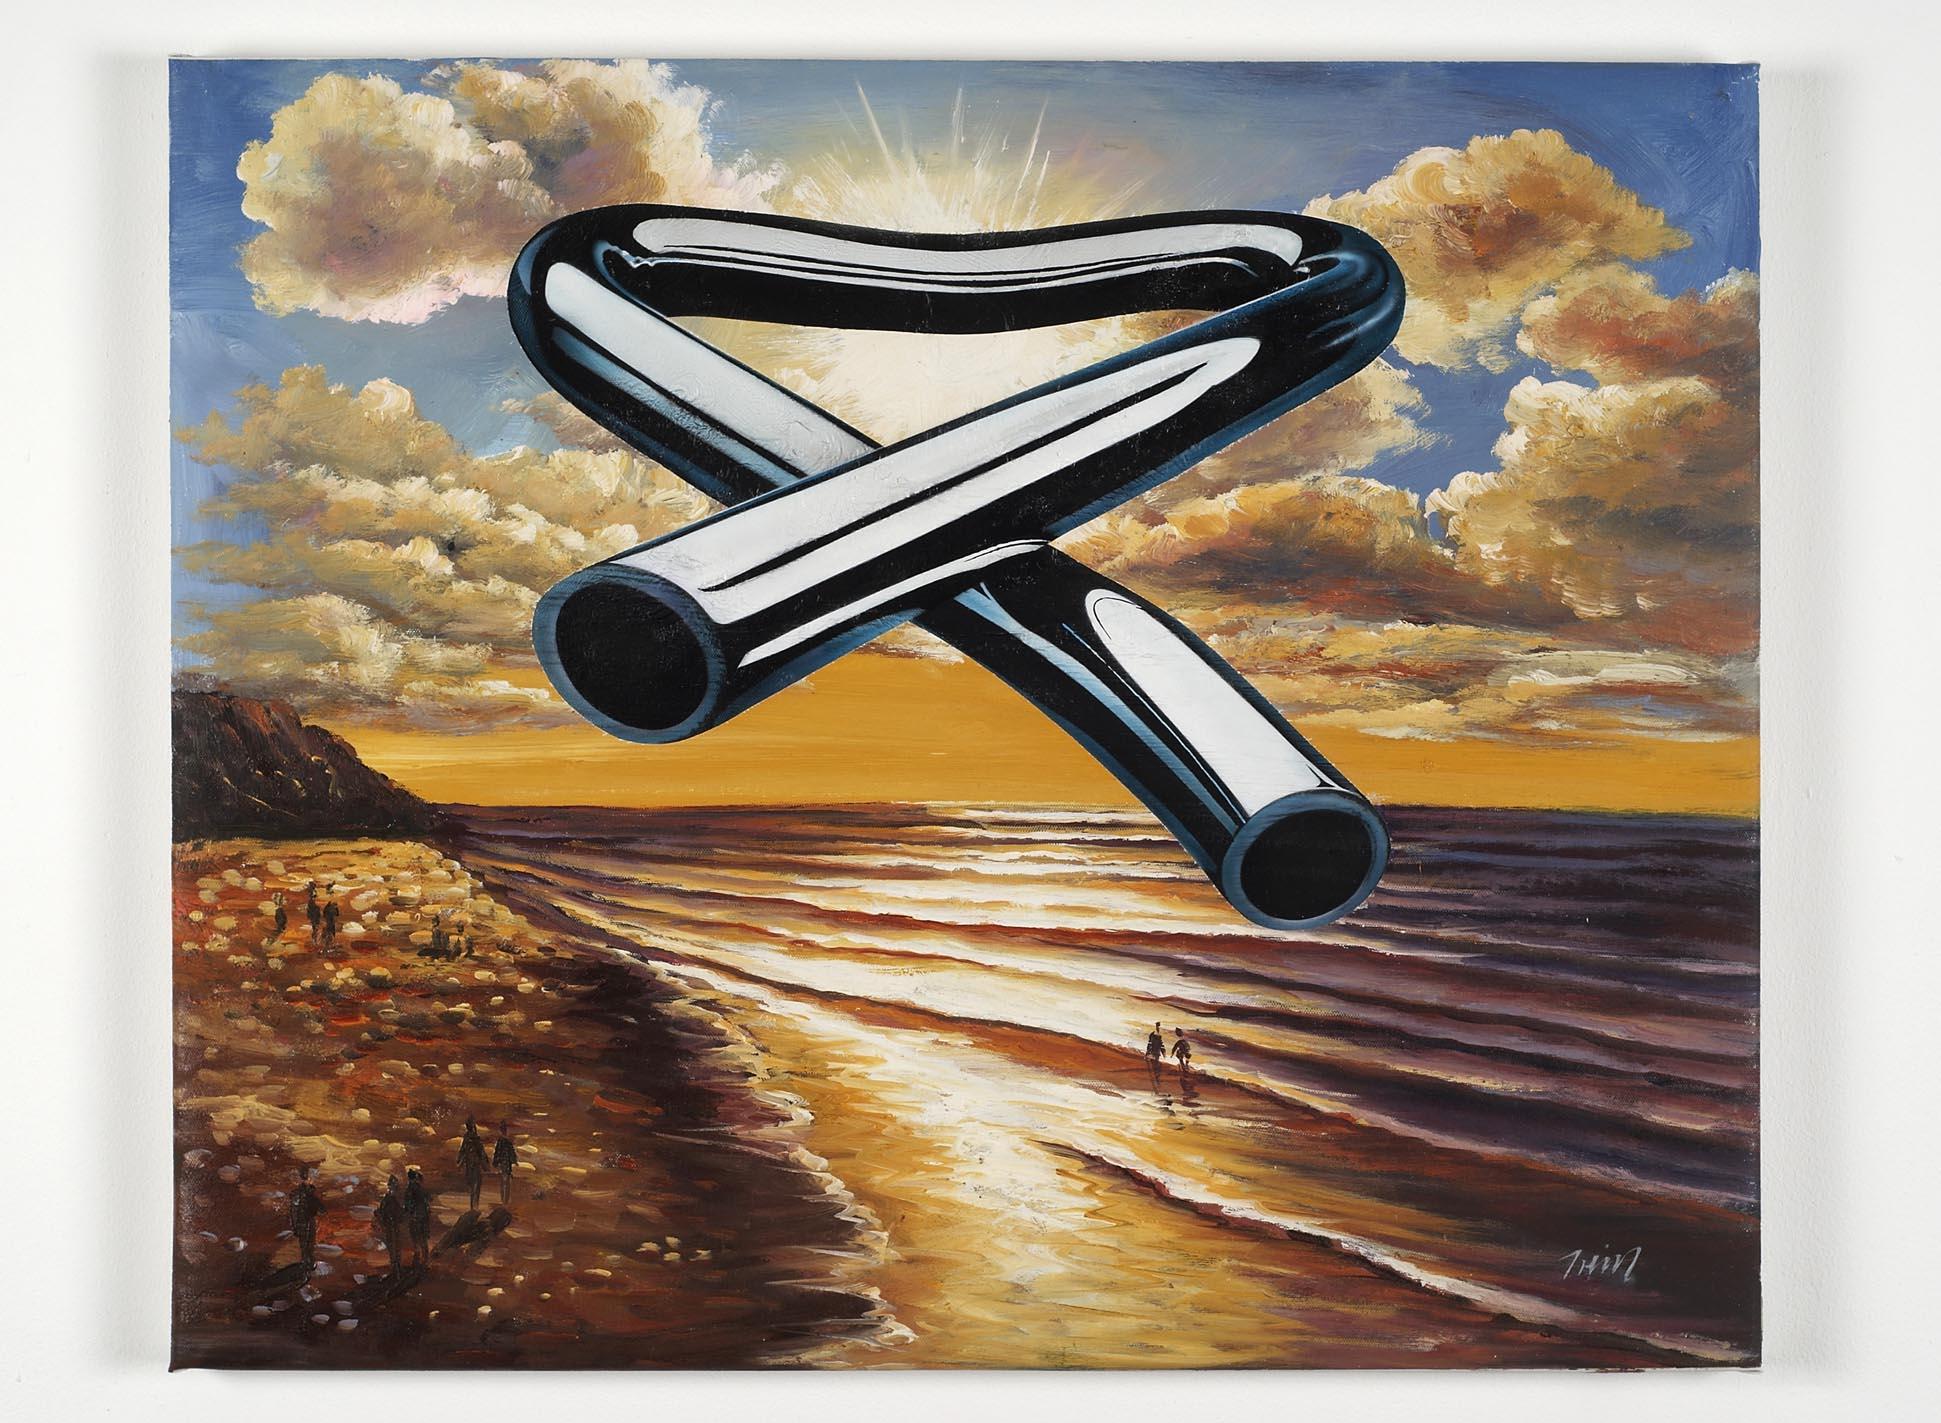 Tubular Bells 3 2008 oil and acrylic on canvas 51.8 x 63.1cm